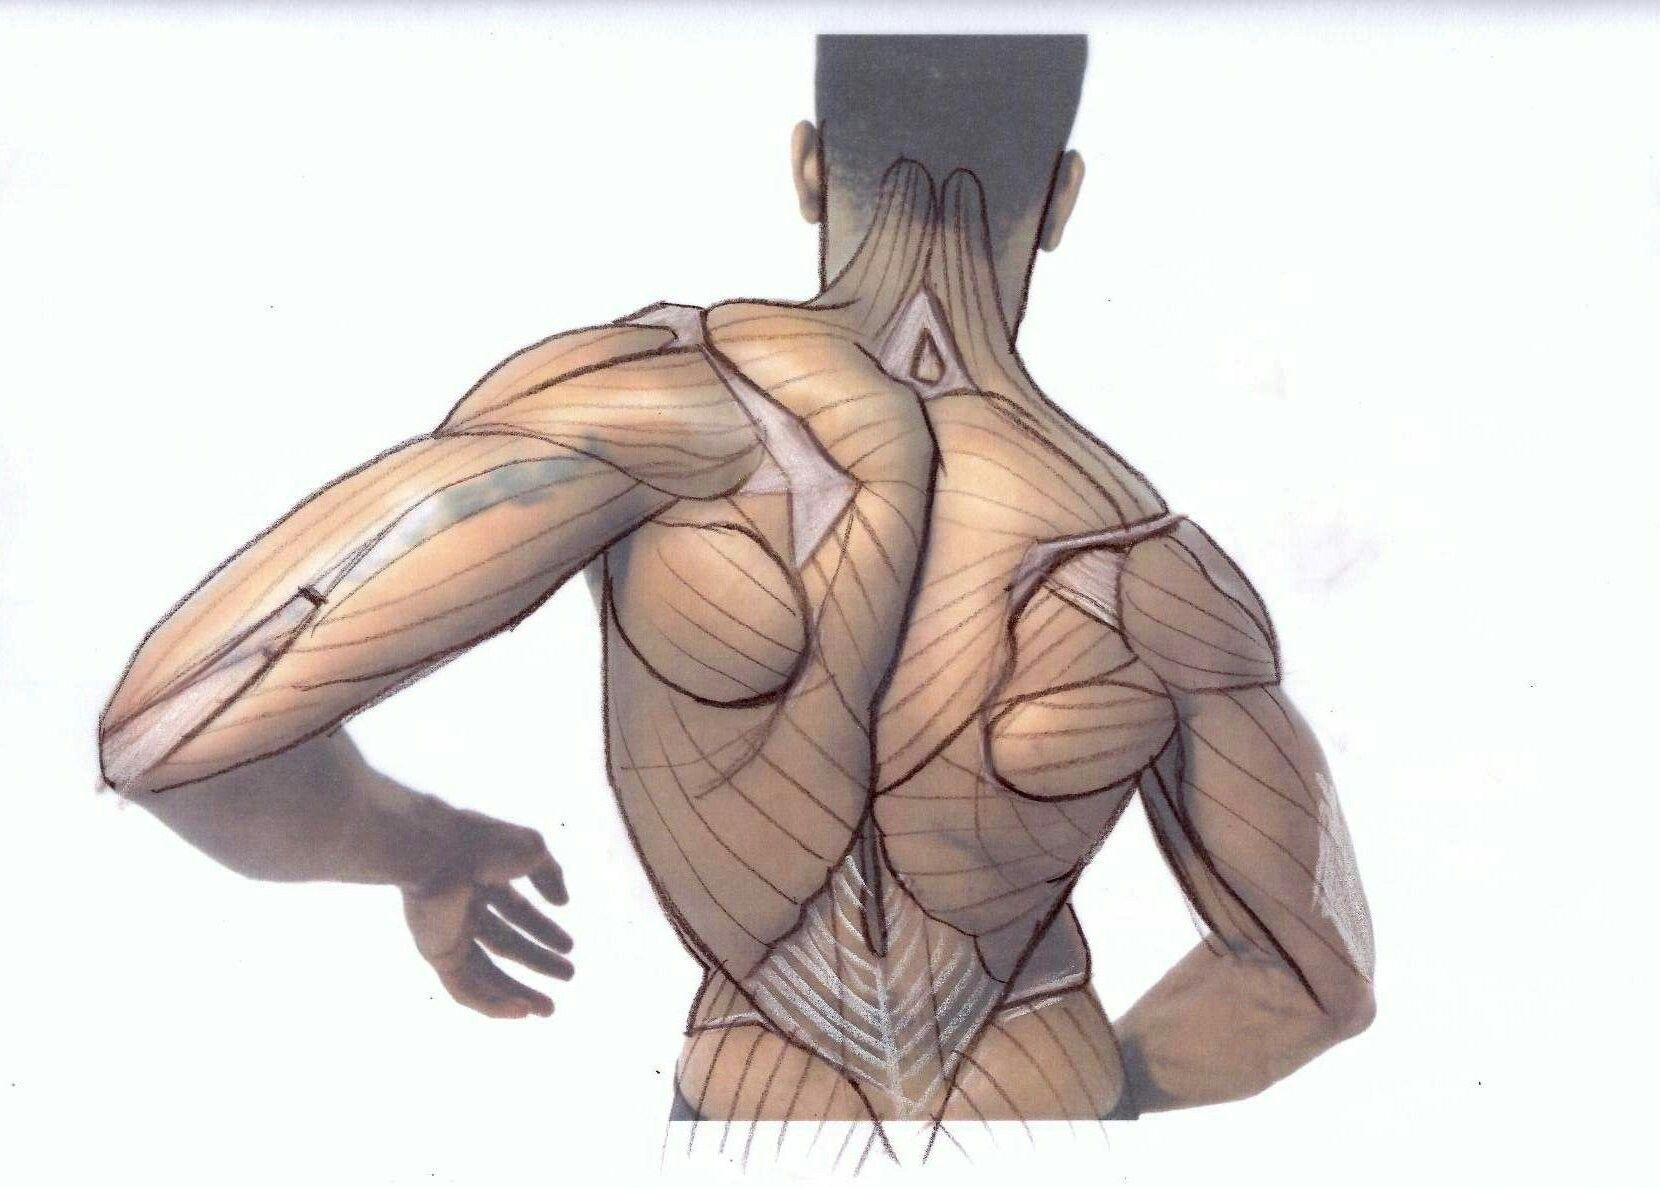 Pin de Alejandro Sanchez en anatomy | Pinterest | Anatomía, Anatomía ...